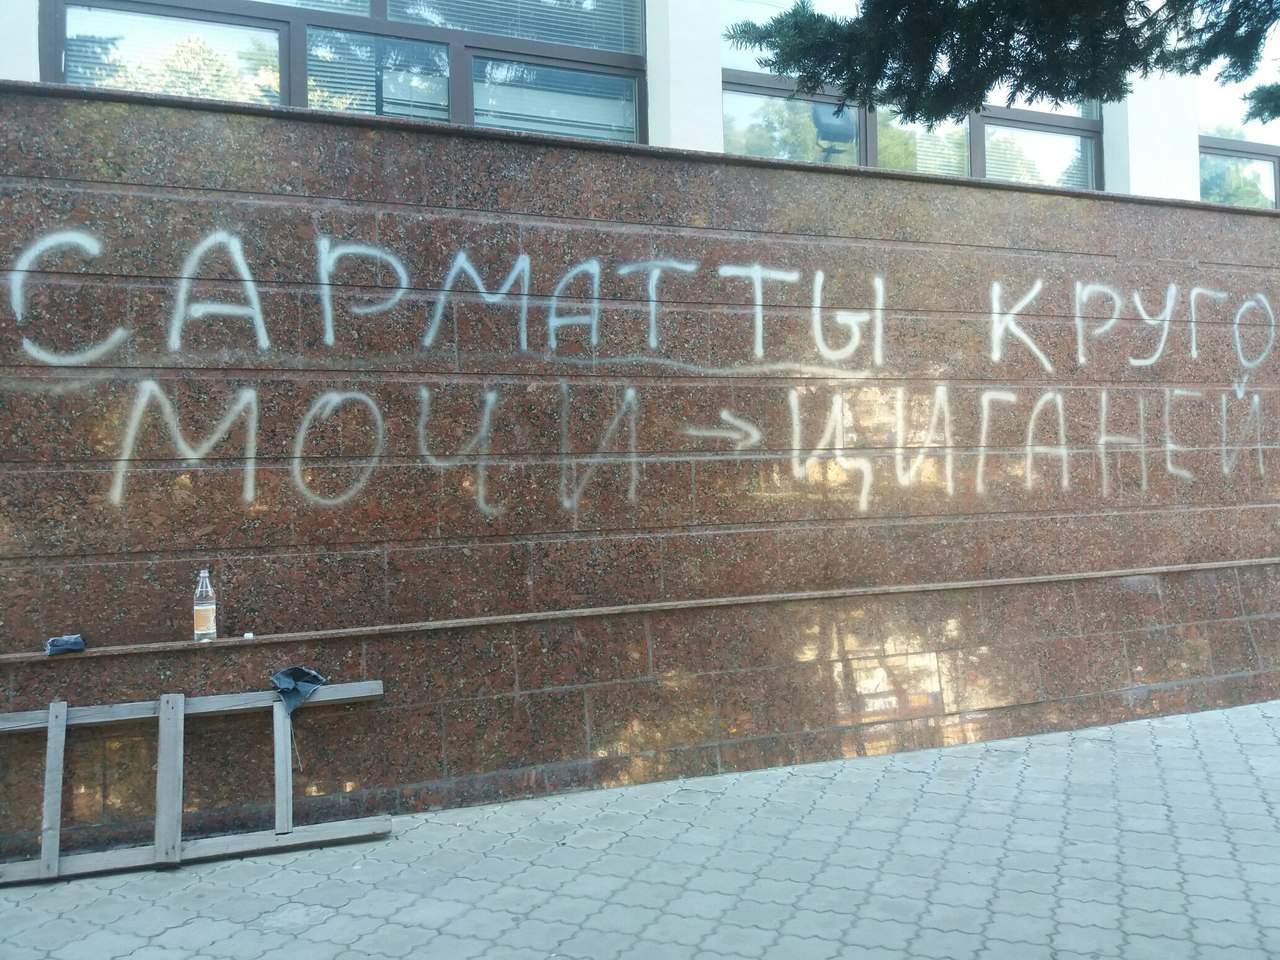 В Измаиле неизвестные оставили провоцирующую надпись в адрес циганей, полицейских и геев (фото)